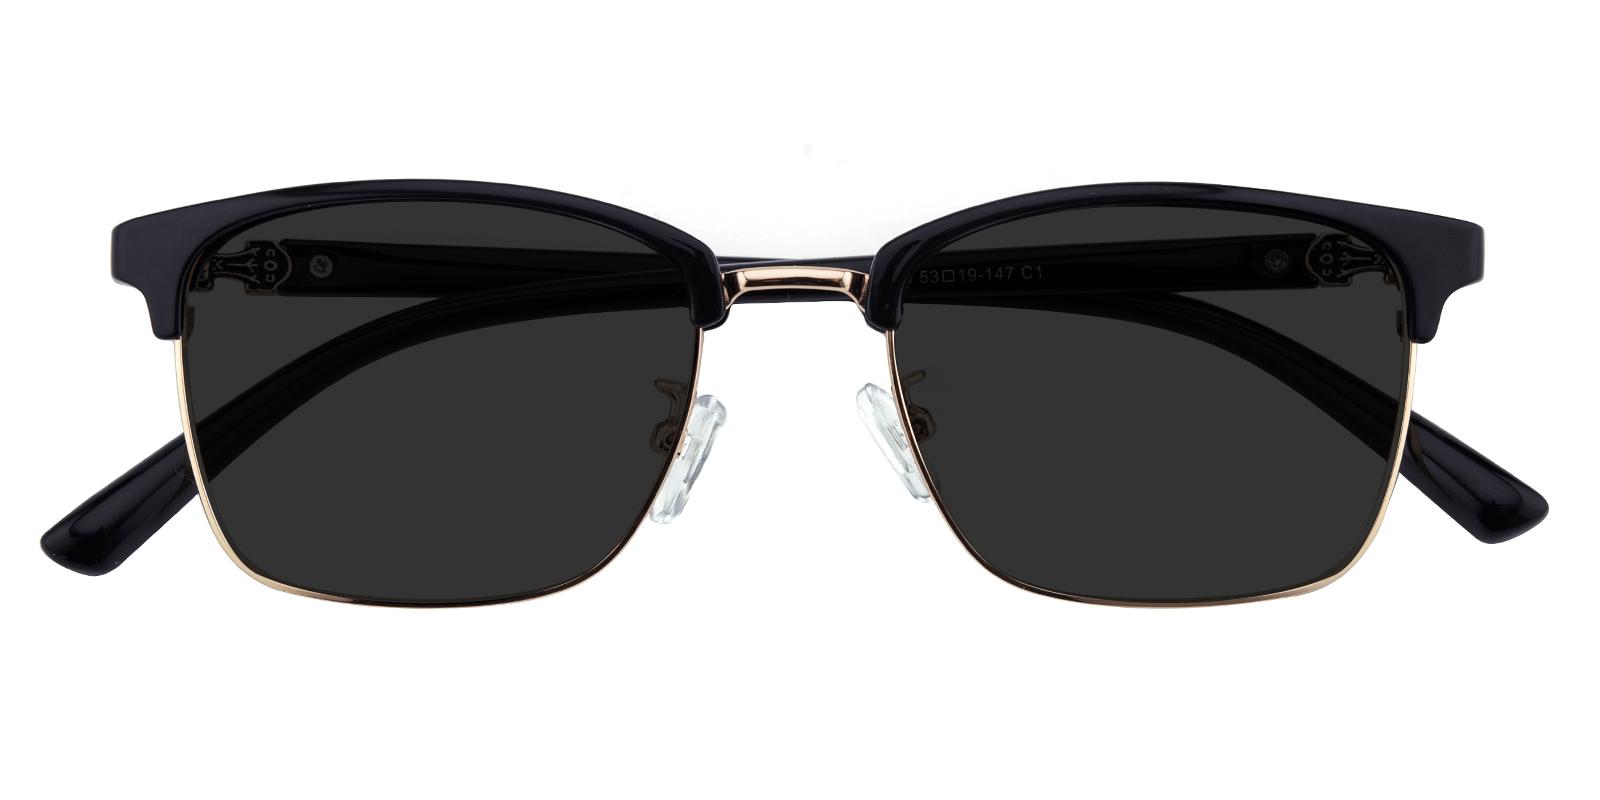 Women|Men's Browline|Rectangle Sunglasses, Full Frame TR90 Black/Golden - SUP0907